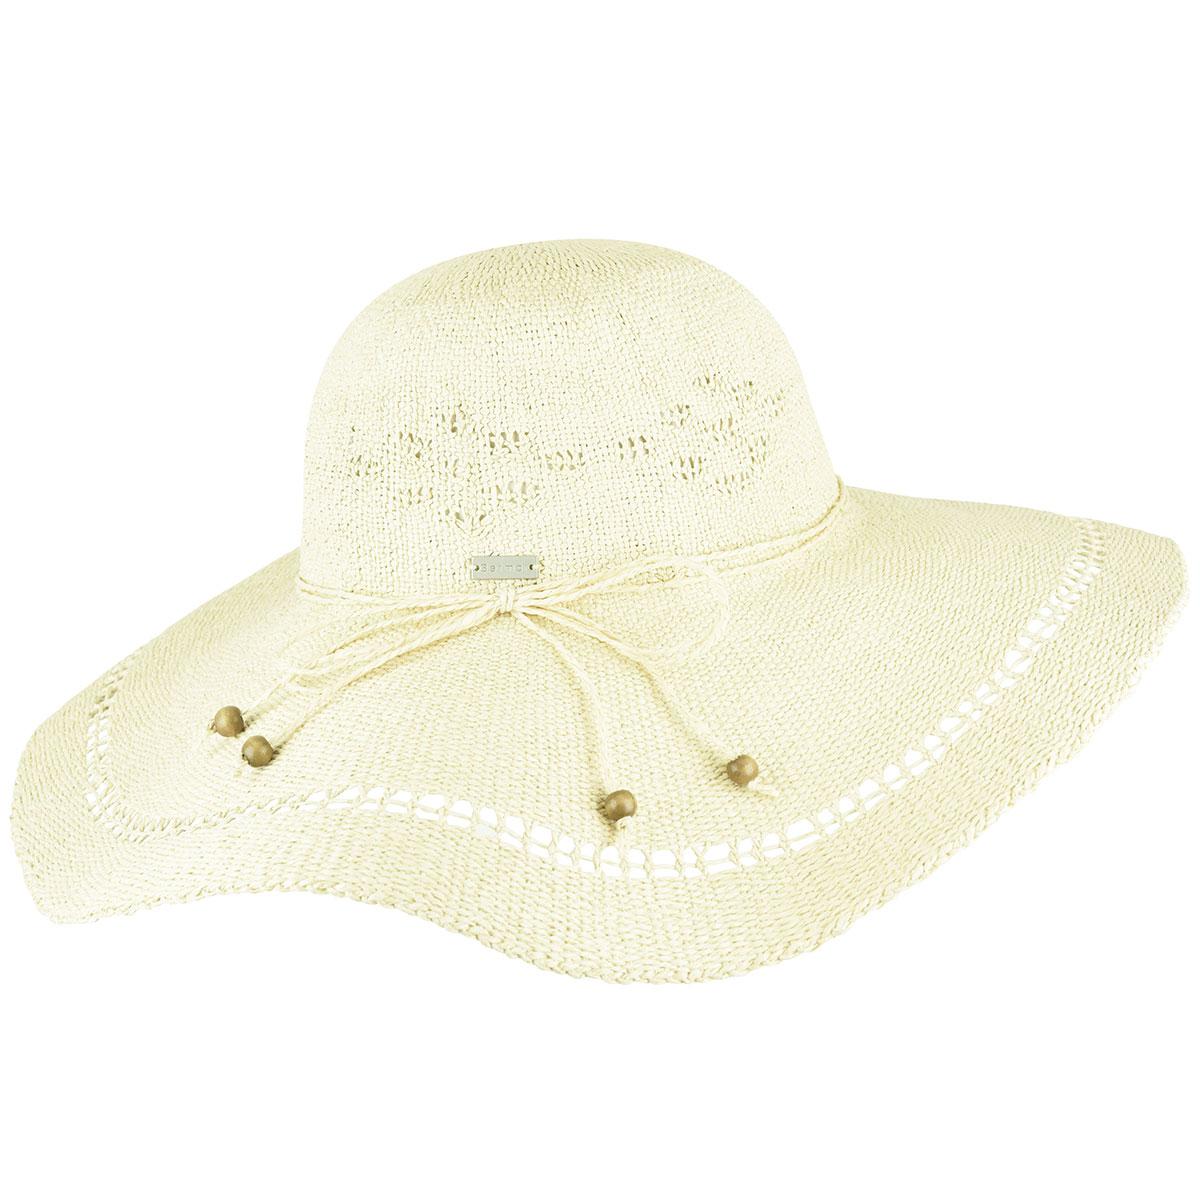 Betmar Abbey Wide Brim Hat in Linen